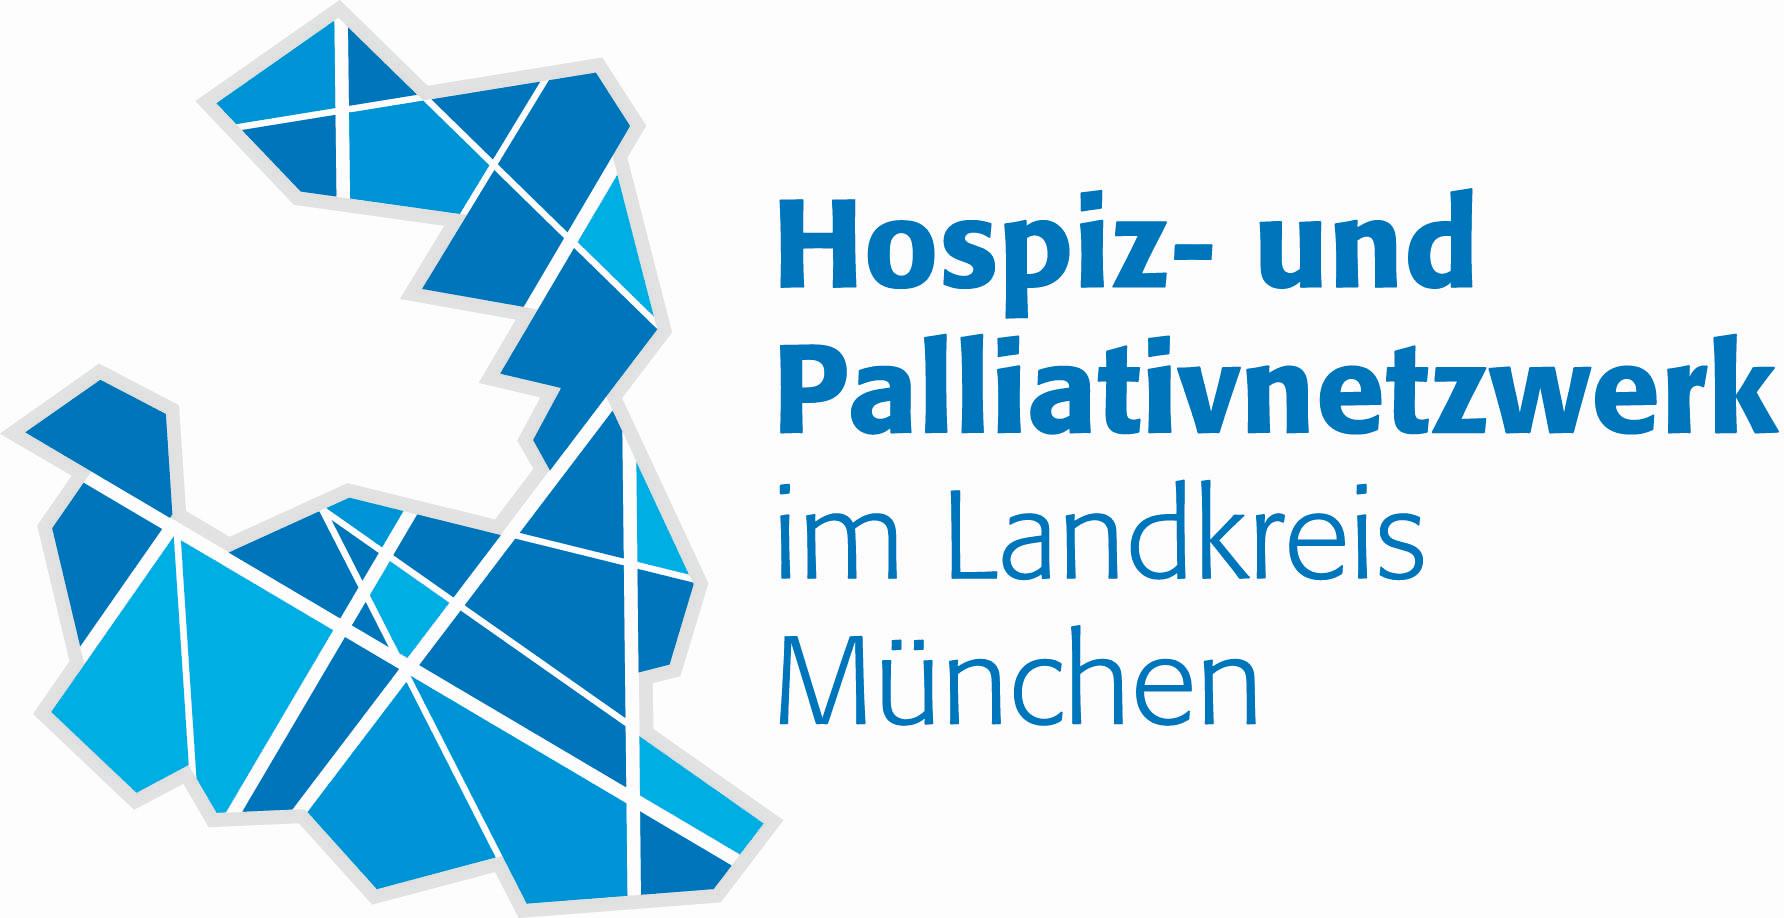 Hospiz und Palliativnetzwerk